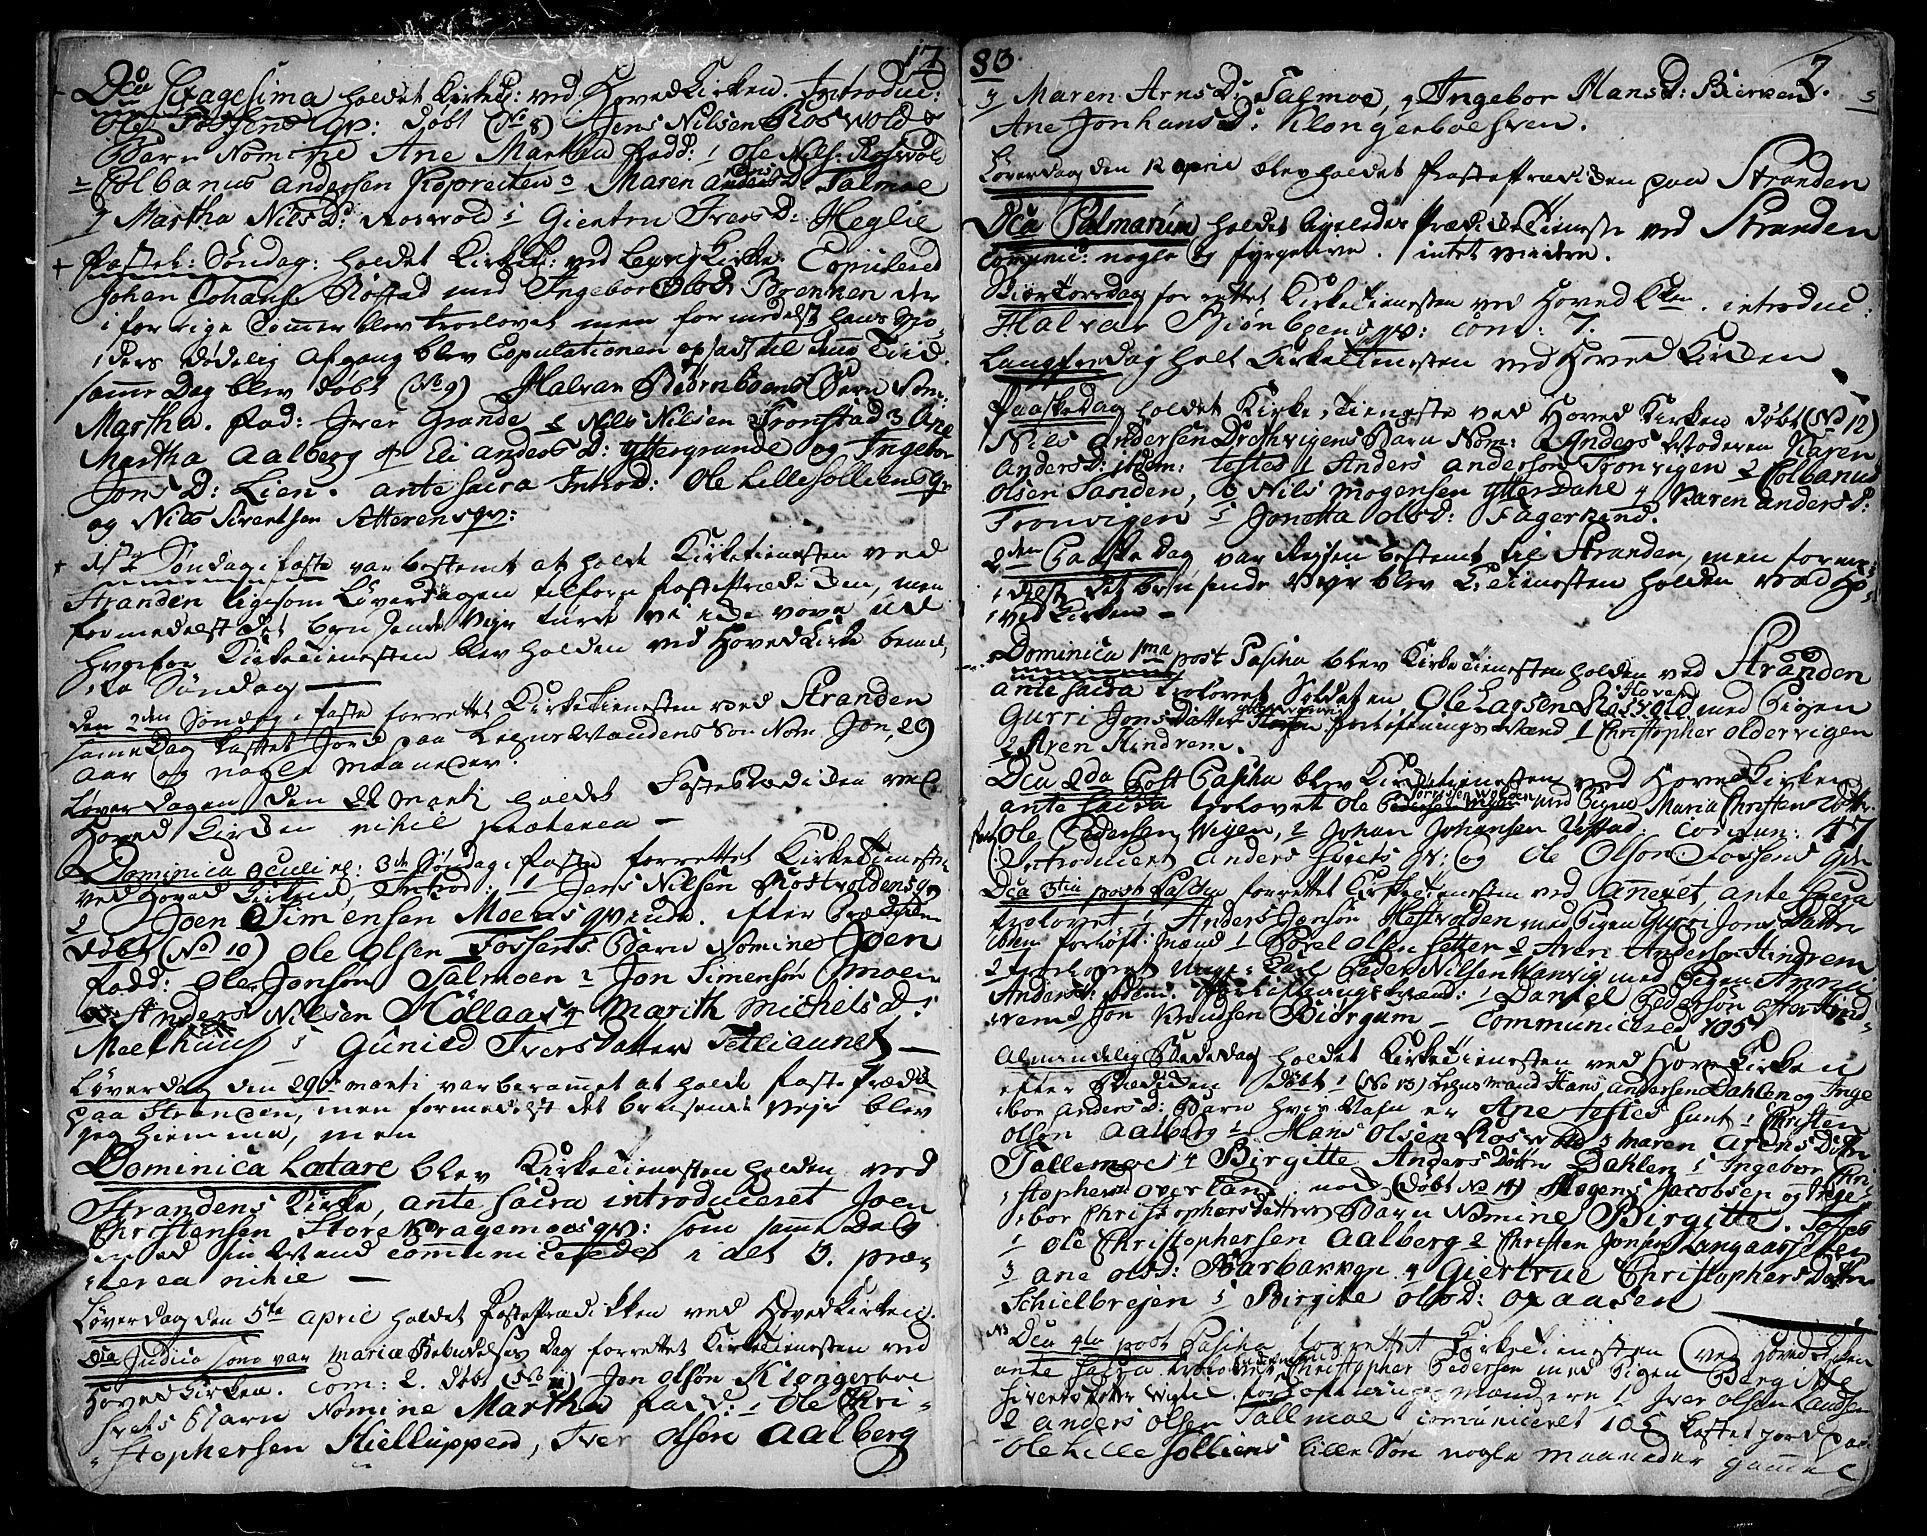 SAT, Ministerialprotokoller, klokkerbøker og fødselsregistre - Nord-Trøndelag, 701/L0004: Parish register (official) no. 701A04, 1783-1816, p. 2